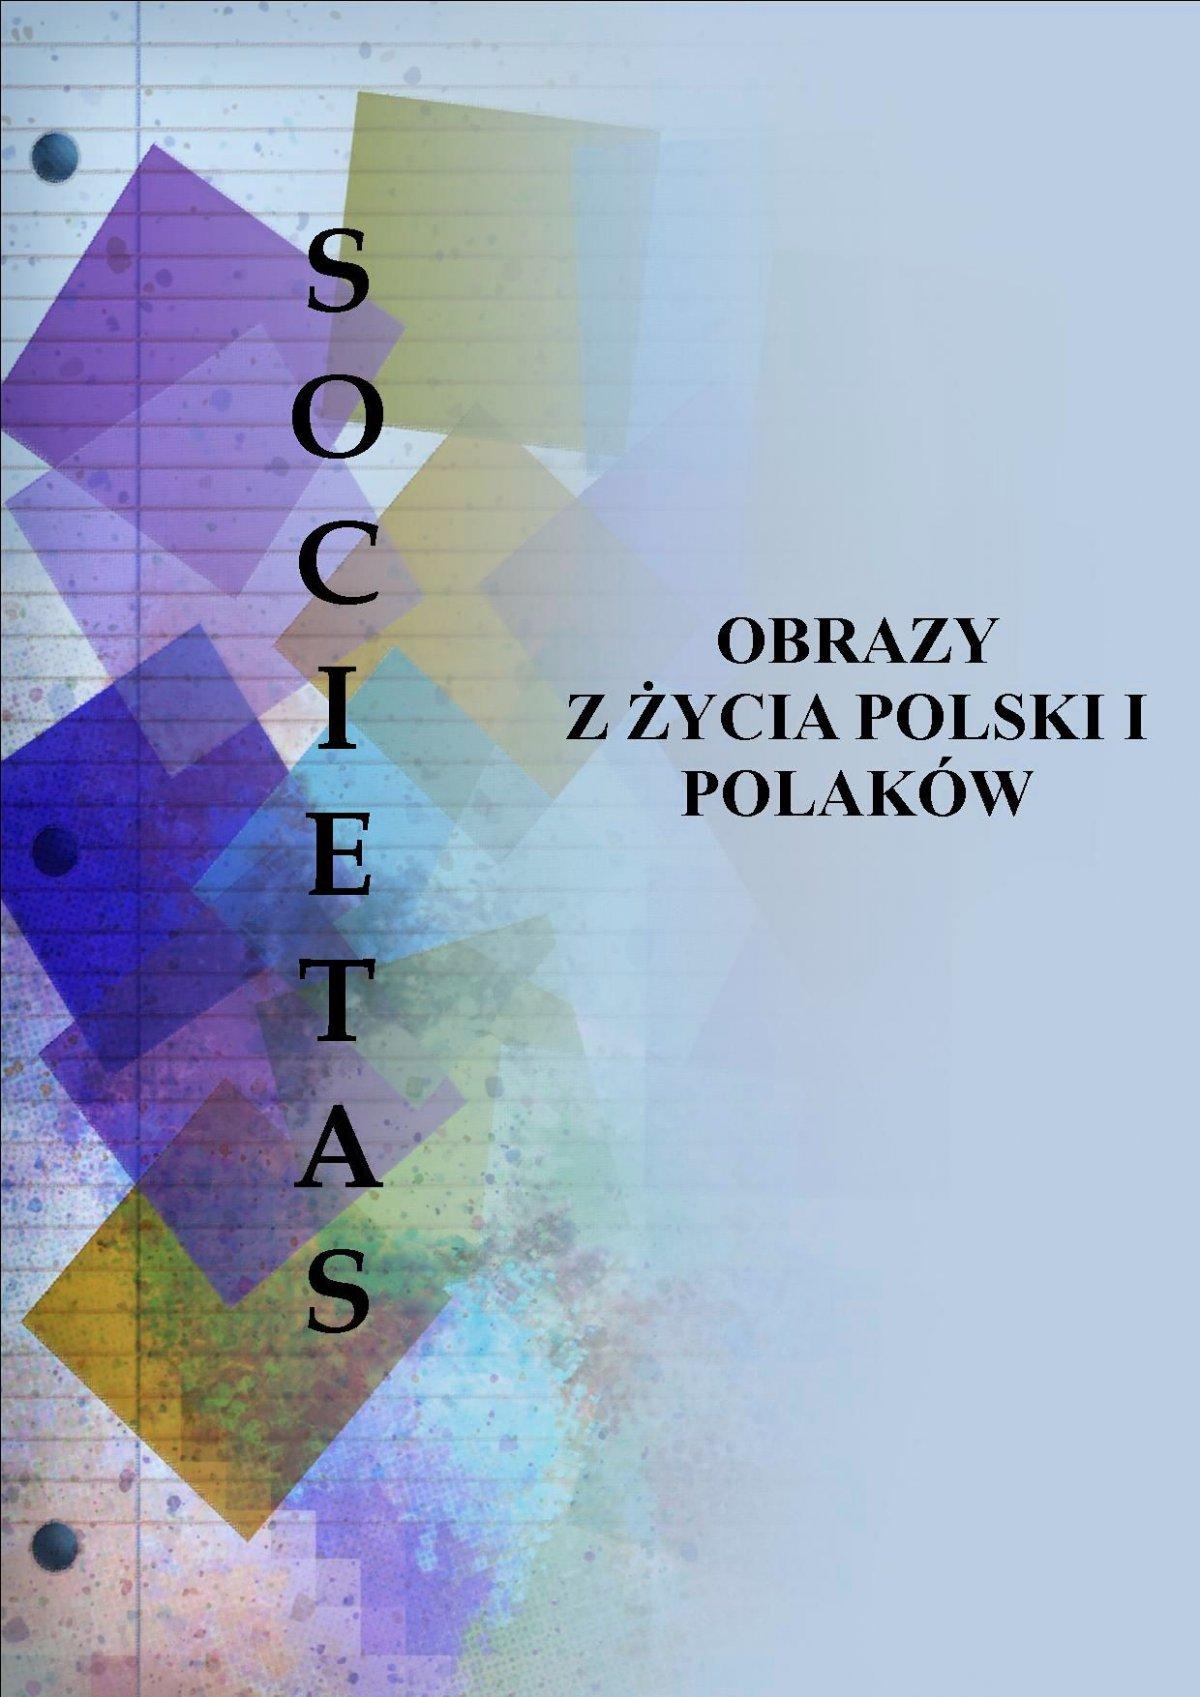 Societas. Obrazy z życia Polski i Polaków - Ebook (Książka PDF) do pobrania w formacie PDF